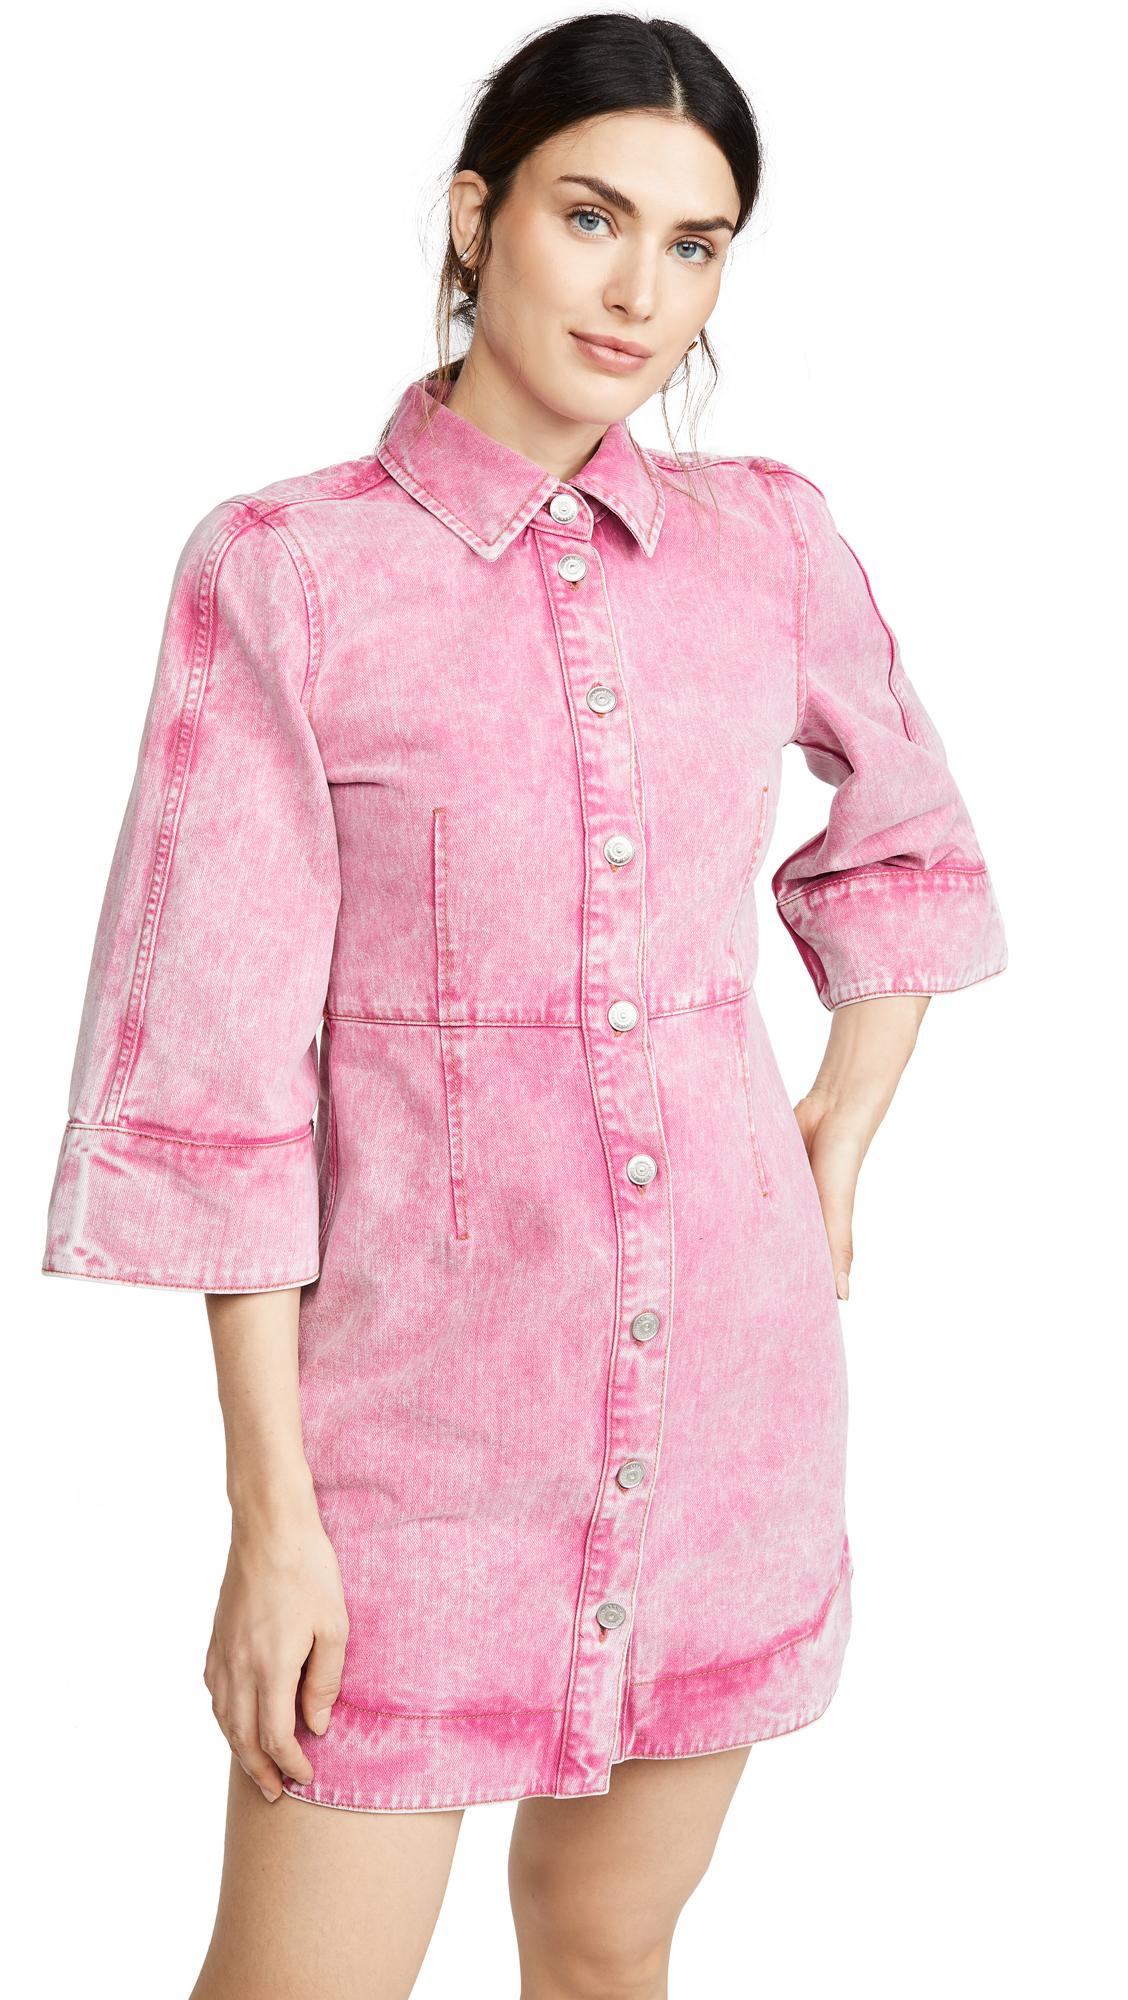 GANNI Washed Denim Dress - 55% Off Sale